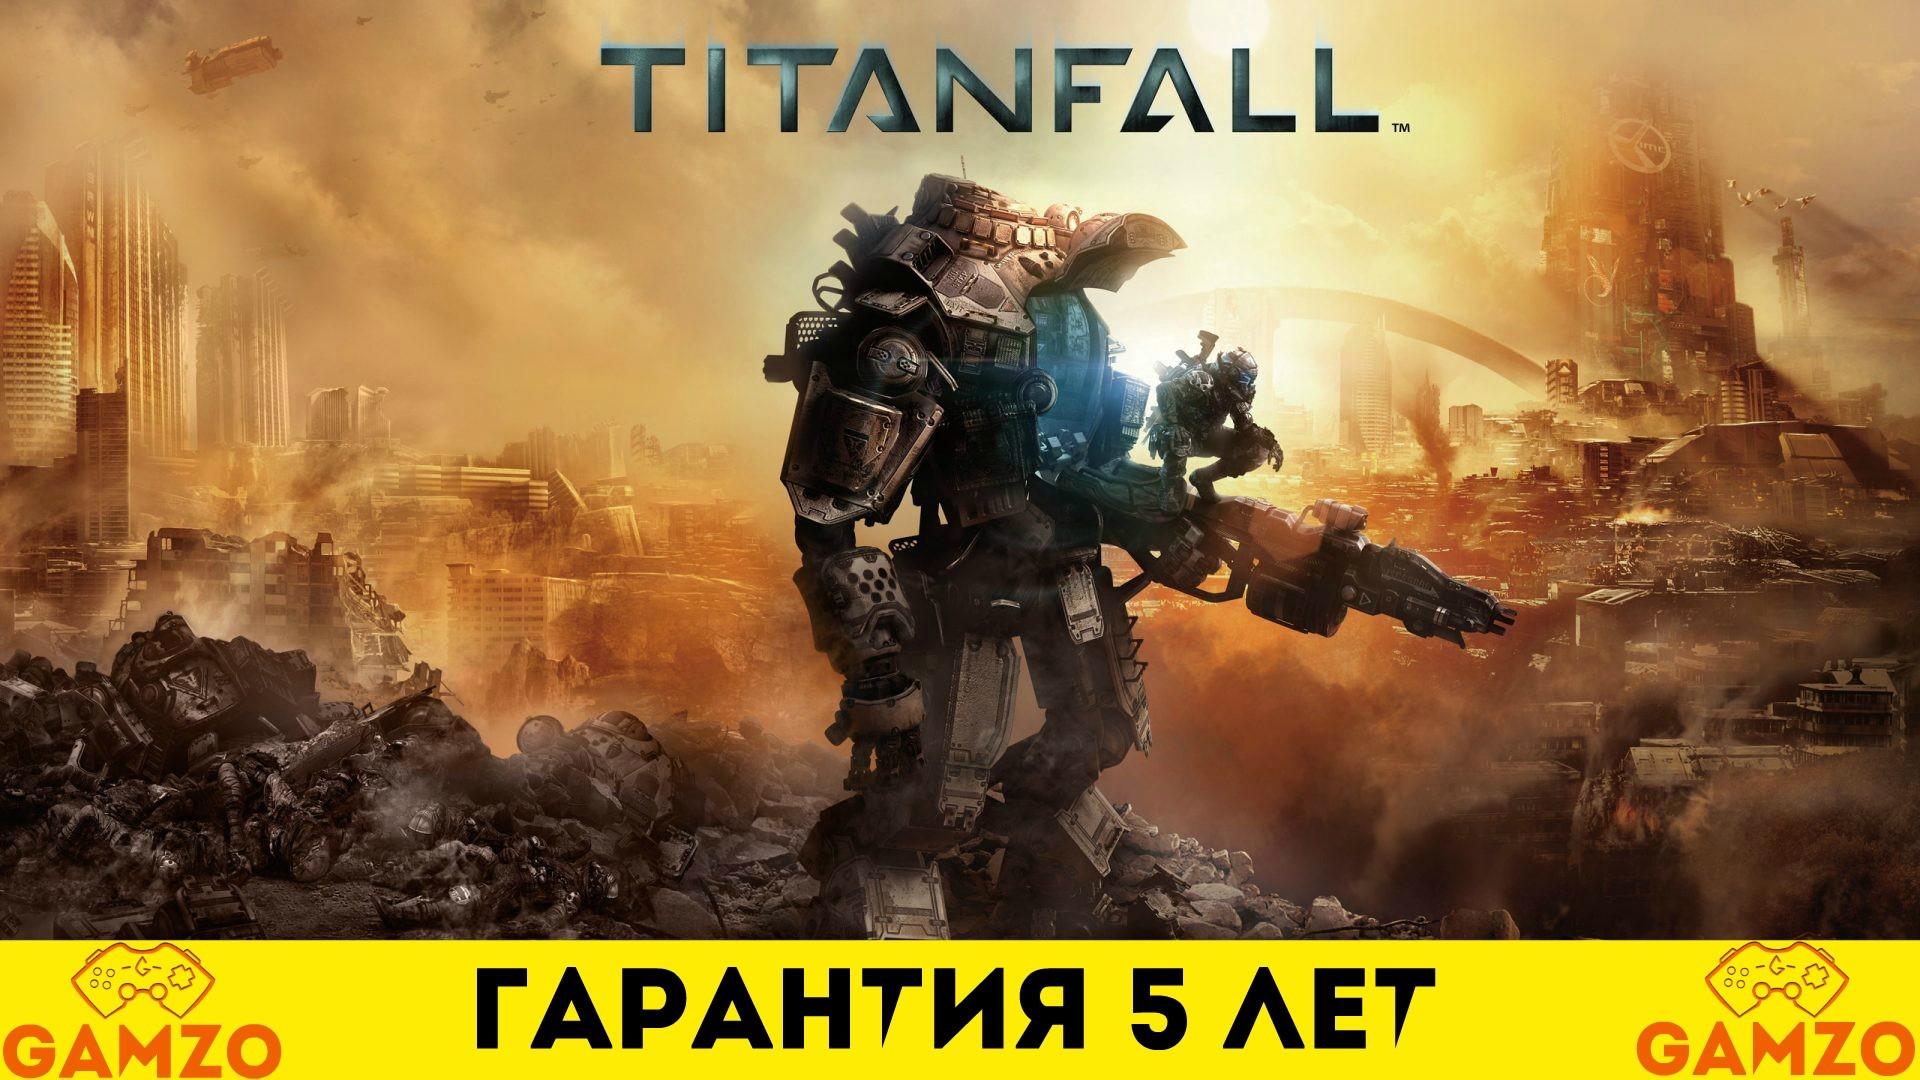 Titanfall | Гарантия 5 лет | + Подарок